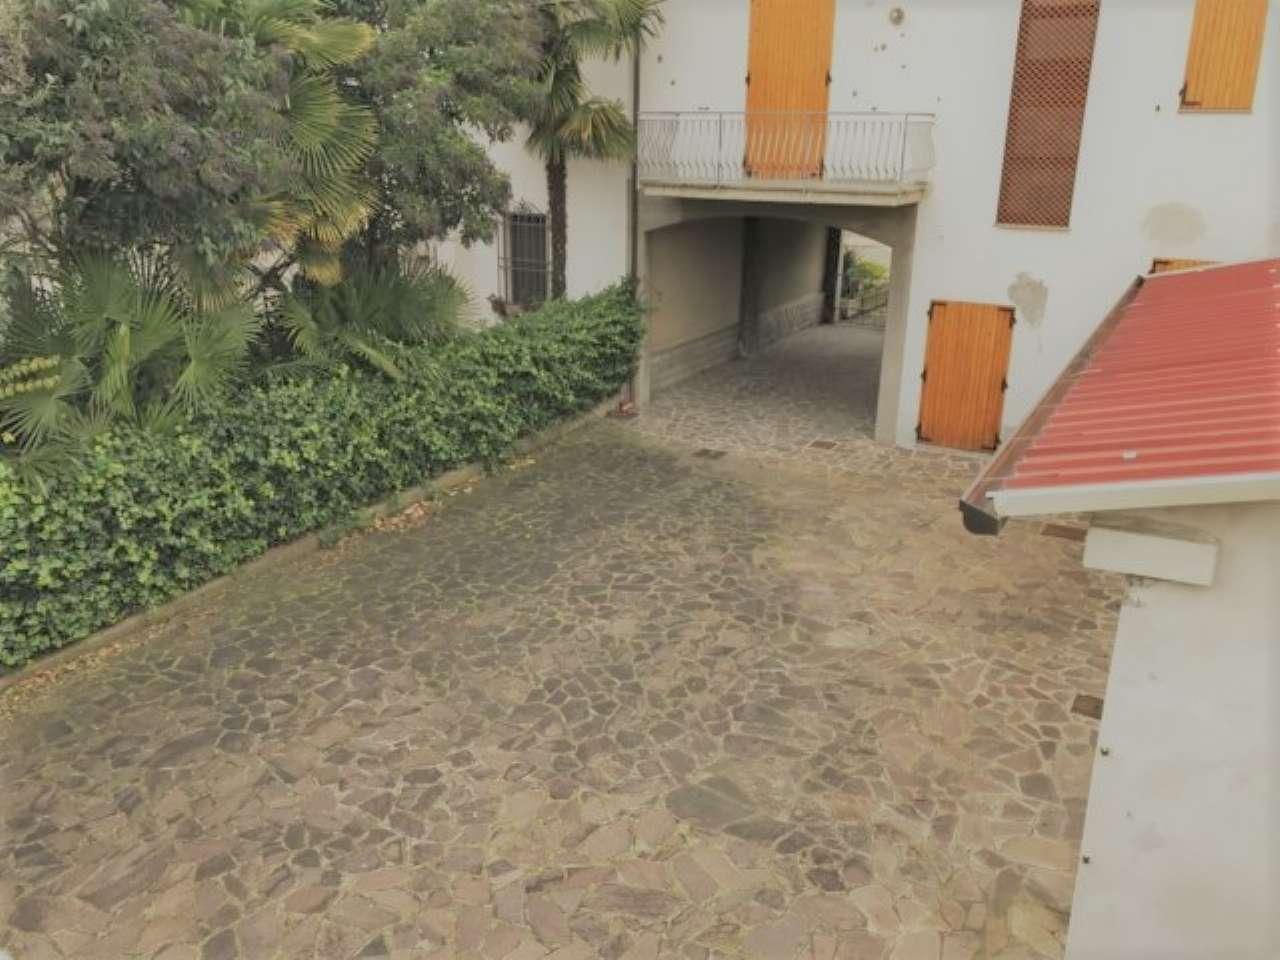 Soluzione Indipendente in vendita a Cesena, 12 locali, prezzo € 350.000 | CambioCasa.it